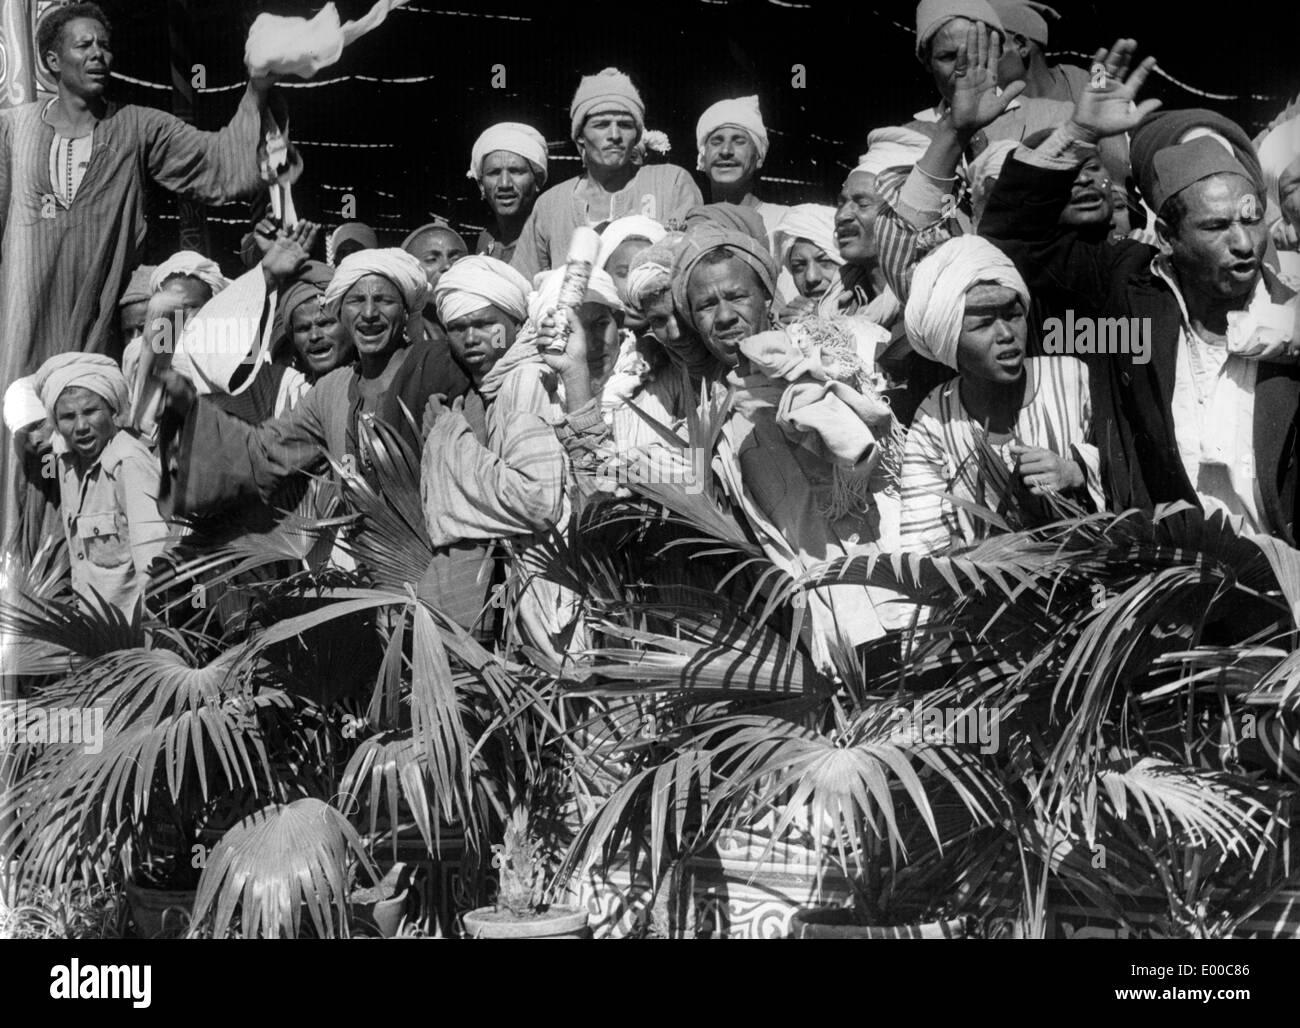 Men wait for the arrival of Gamal Abdel Nasser in Aswan - Stock Image